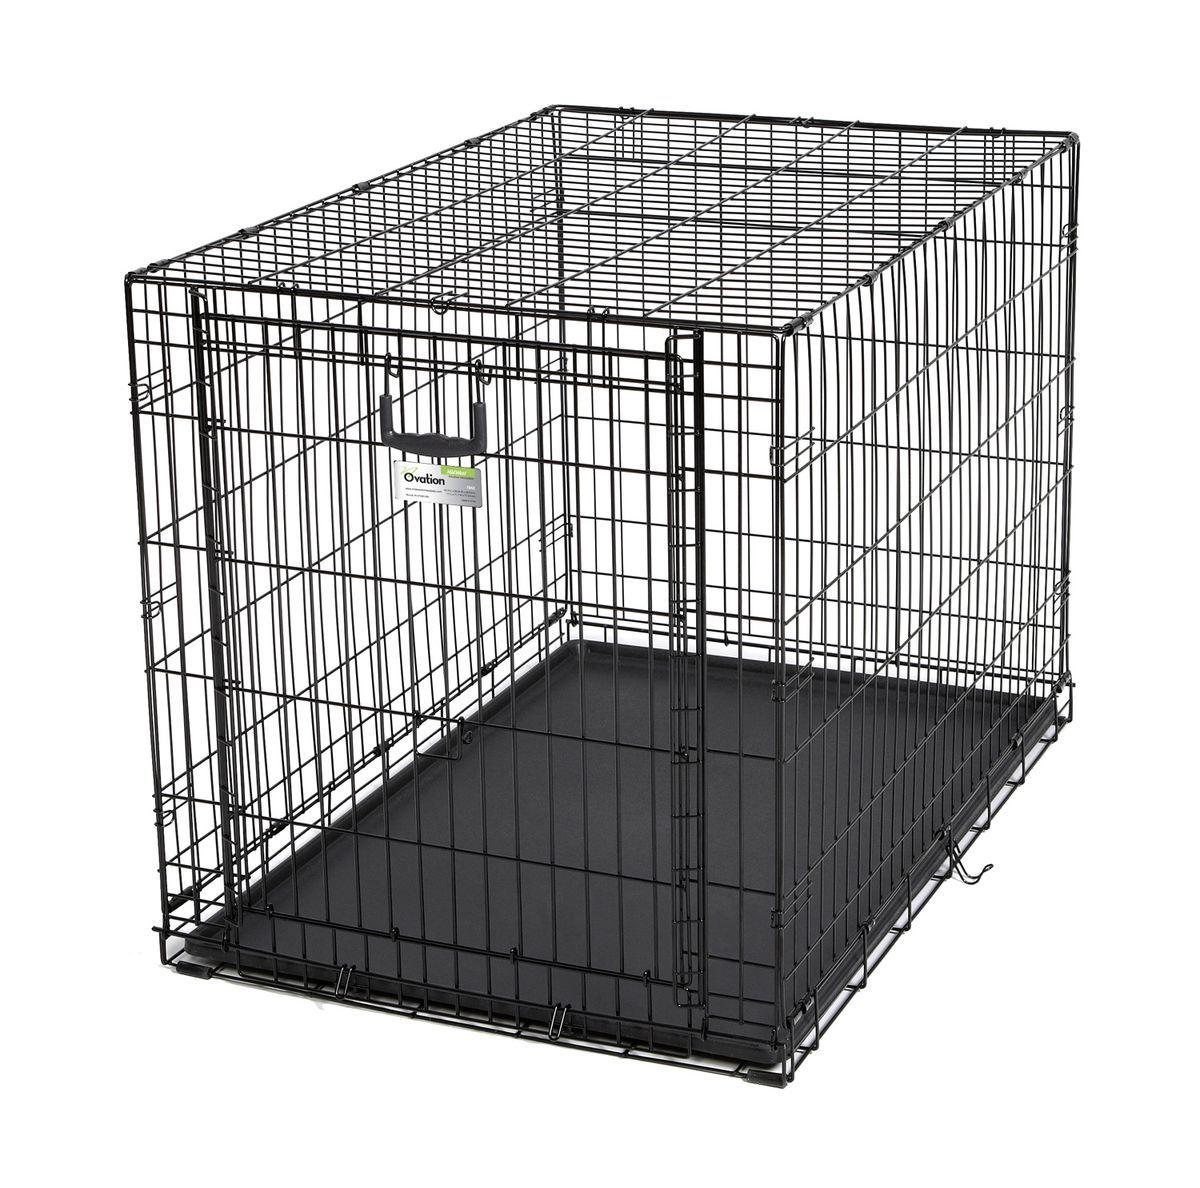 Клетка Midwest Ovation, 1 дверь рельсовая, 111 x 71,7 x 76,8 см548DRКлетка Midwest Ovation разработана специально для транспортировки средних и крупных собак. Закругленная угловая защита обеспечивает безопасность питомцам и людям. Клетка из нержавеющей стали оснащена: - одной рельсовой дверкой (открывается вверх); - безопасным двойным замком (задвижка закрывает и снаружи и внутри); - прочным пластиковым поддоном, который не повреждает поверхность, на которой размещается; - разделяющей панелью, обеспечивающей создание универсальных отсеков; - качественными ручками для переноски питомца.Размер клетки (ДхШхВ): 111 x 71,7 x 76,8 см. Вес конструкции: 15,8 кг.Товар сертифицирован.